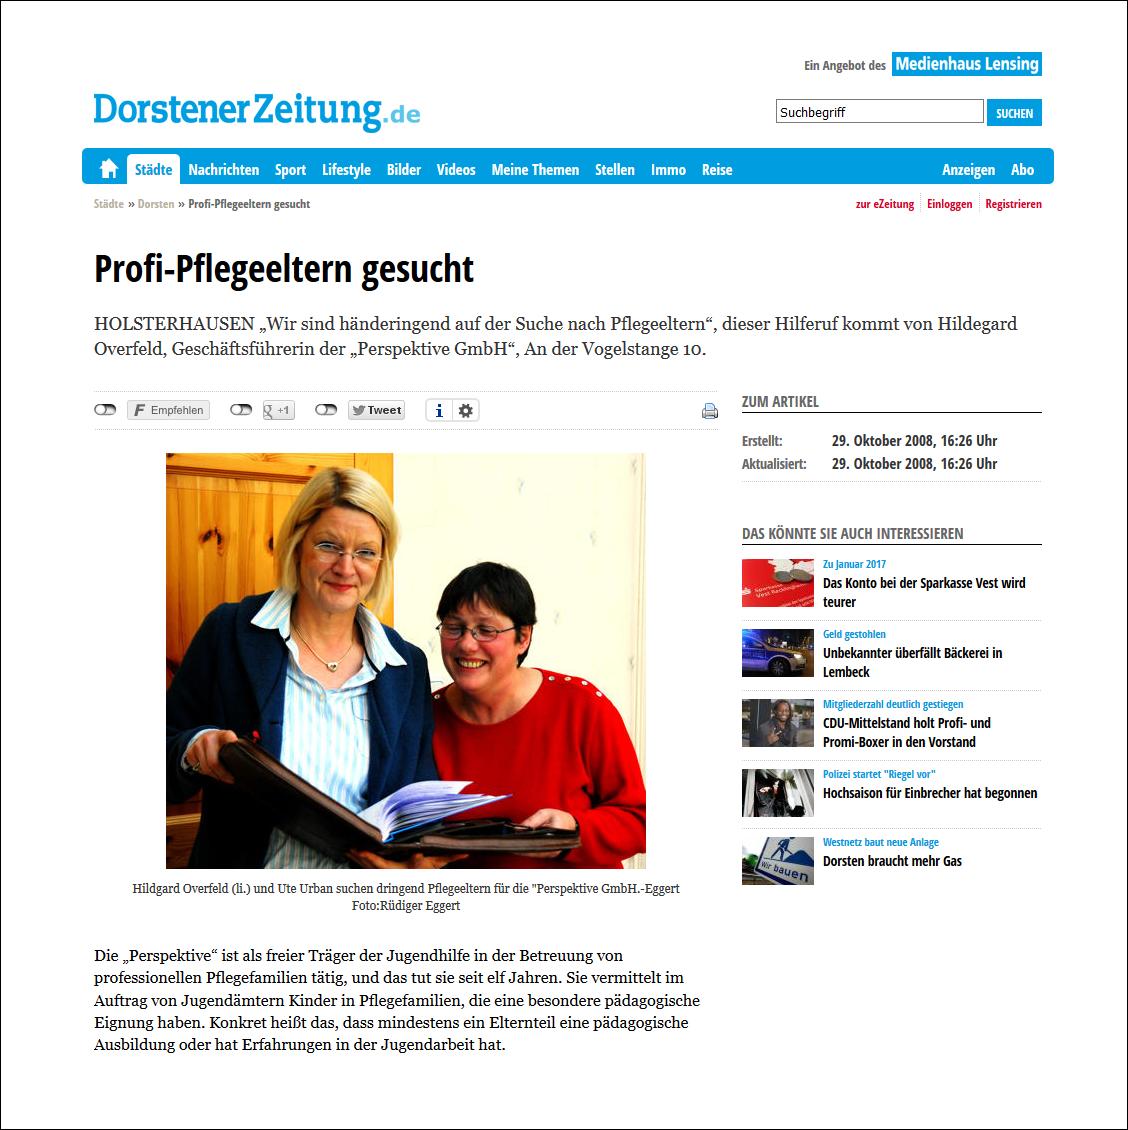 Dorstener Zeitung